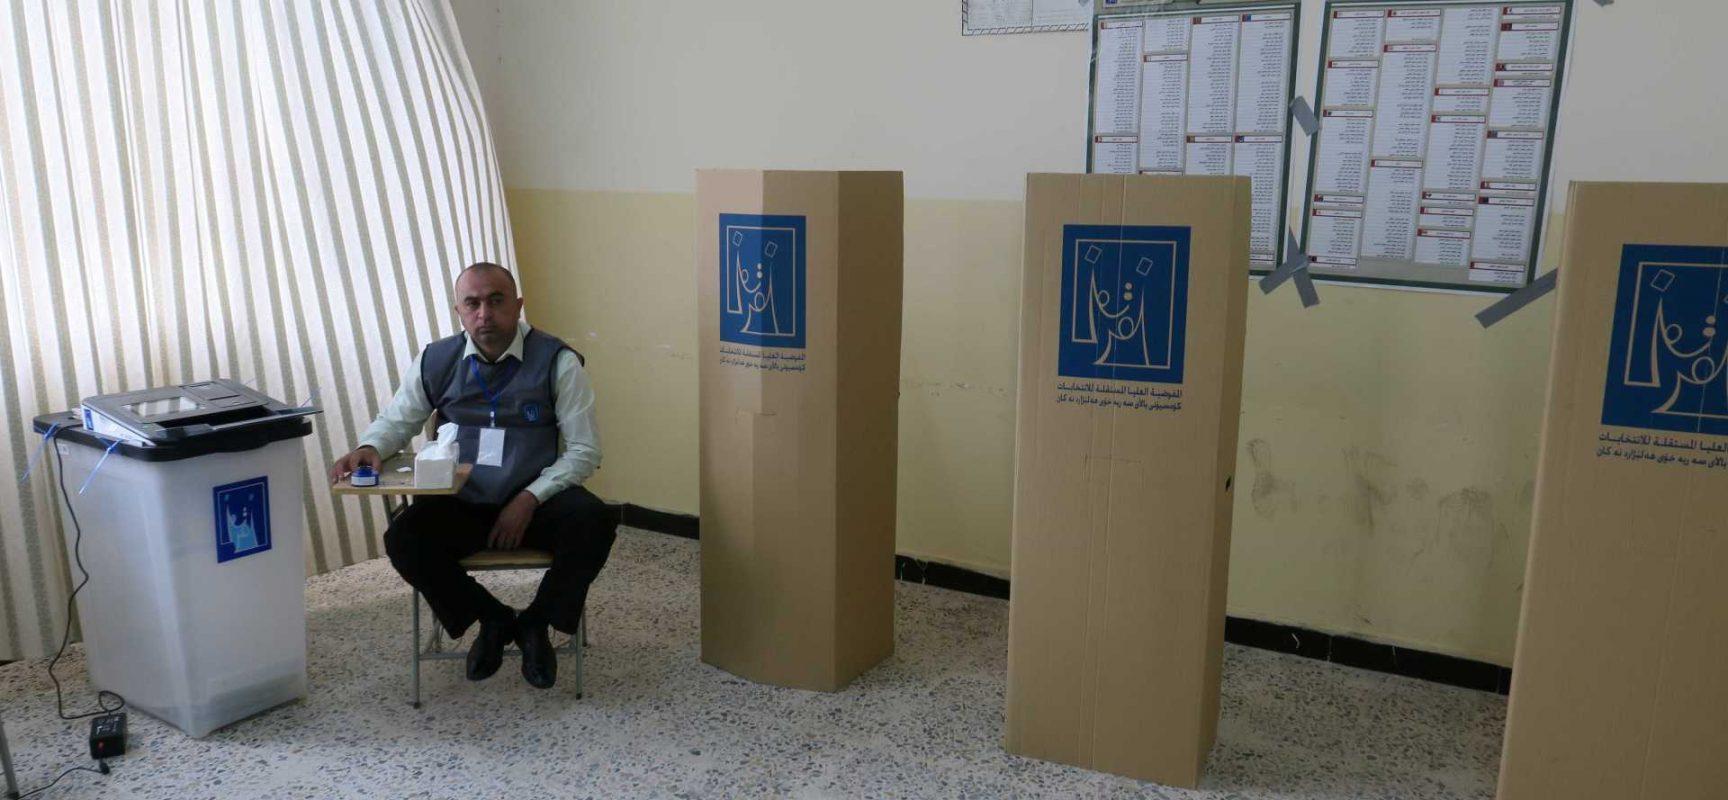 Eleição no Iraque é marcada por irregularidades